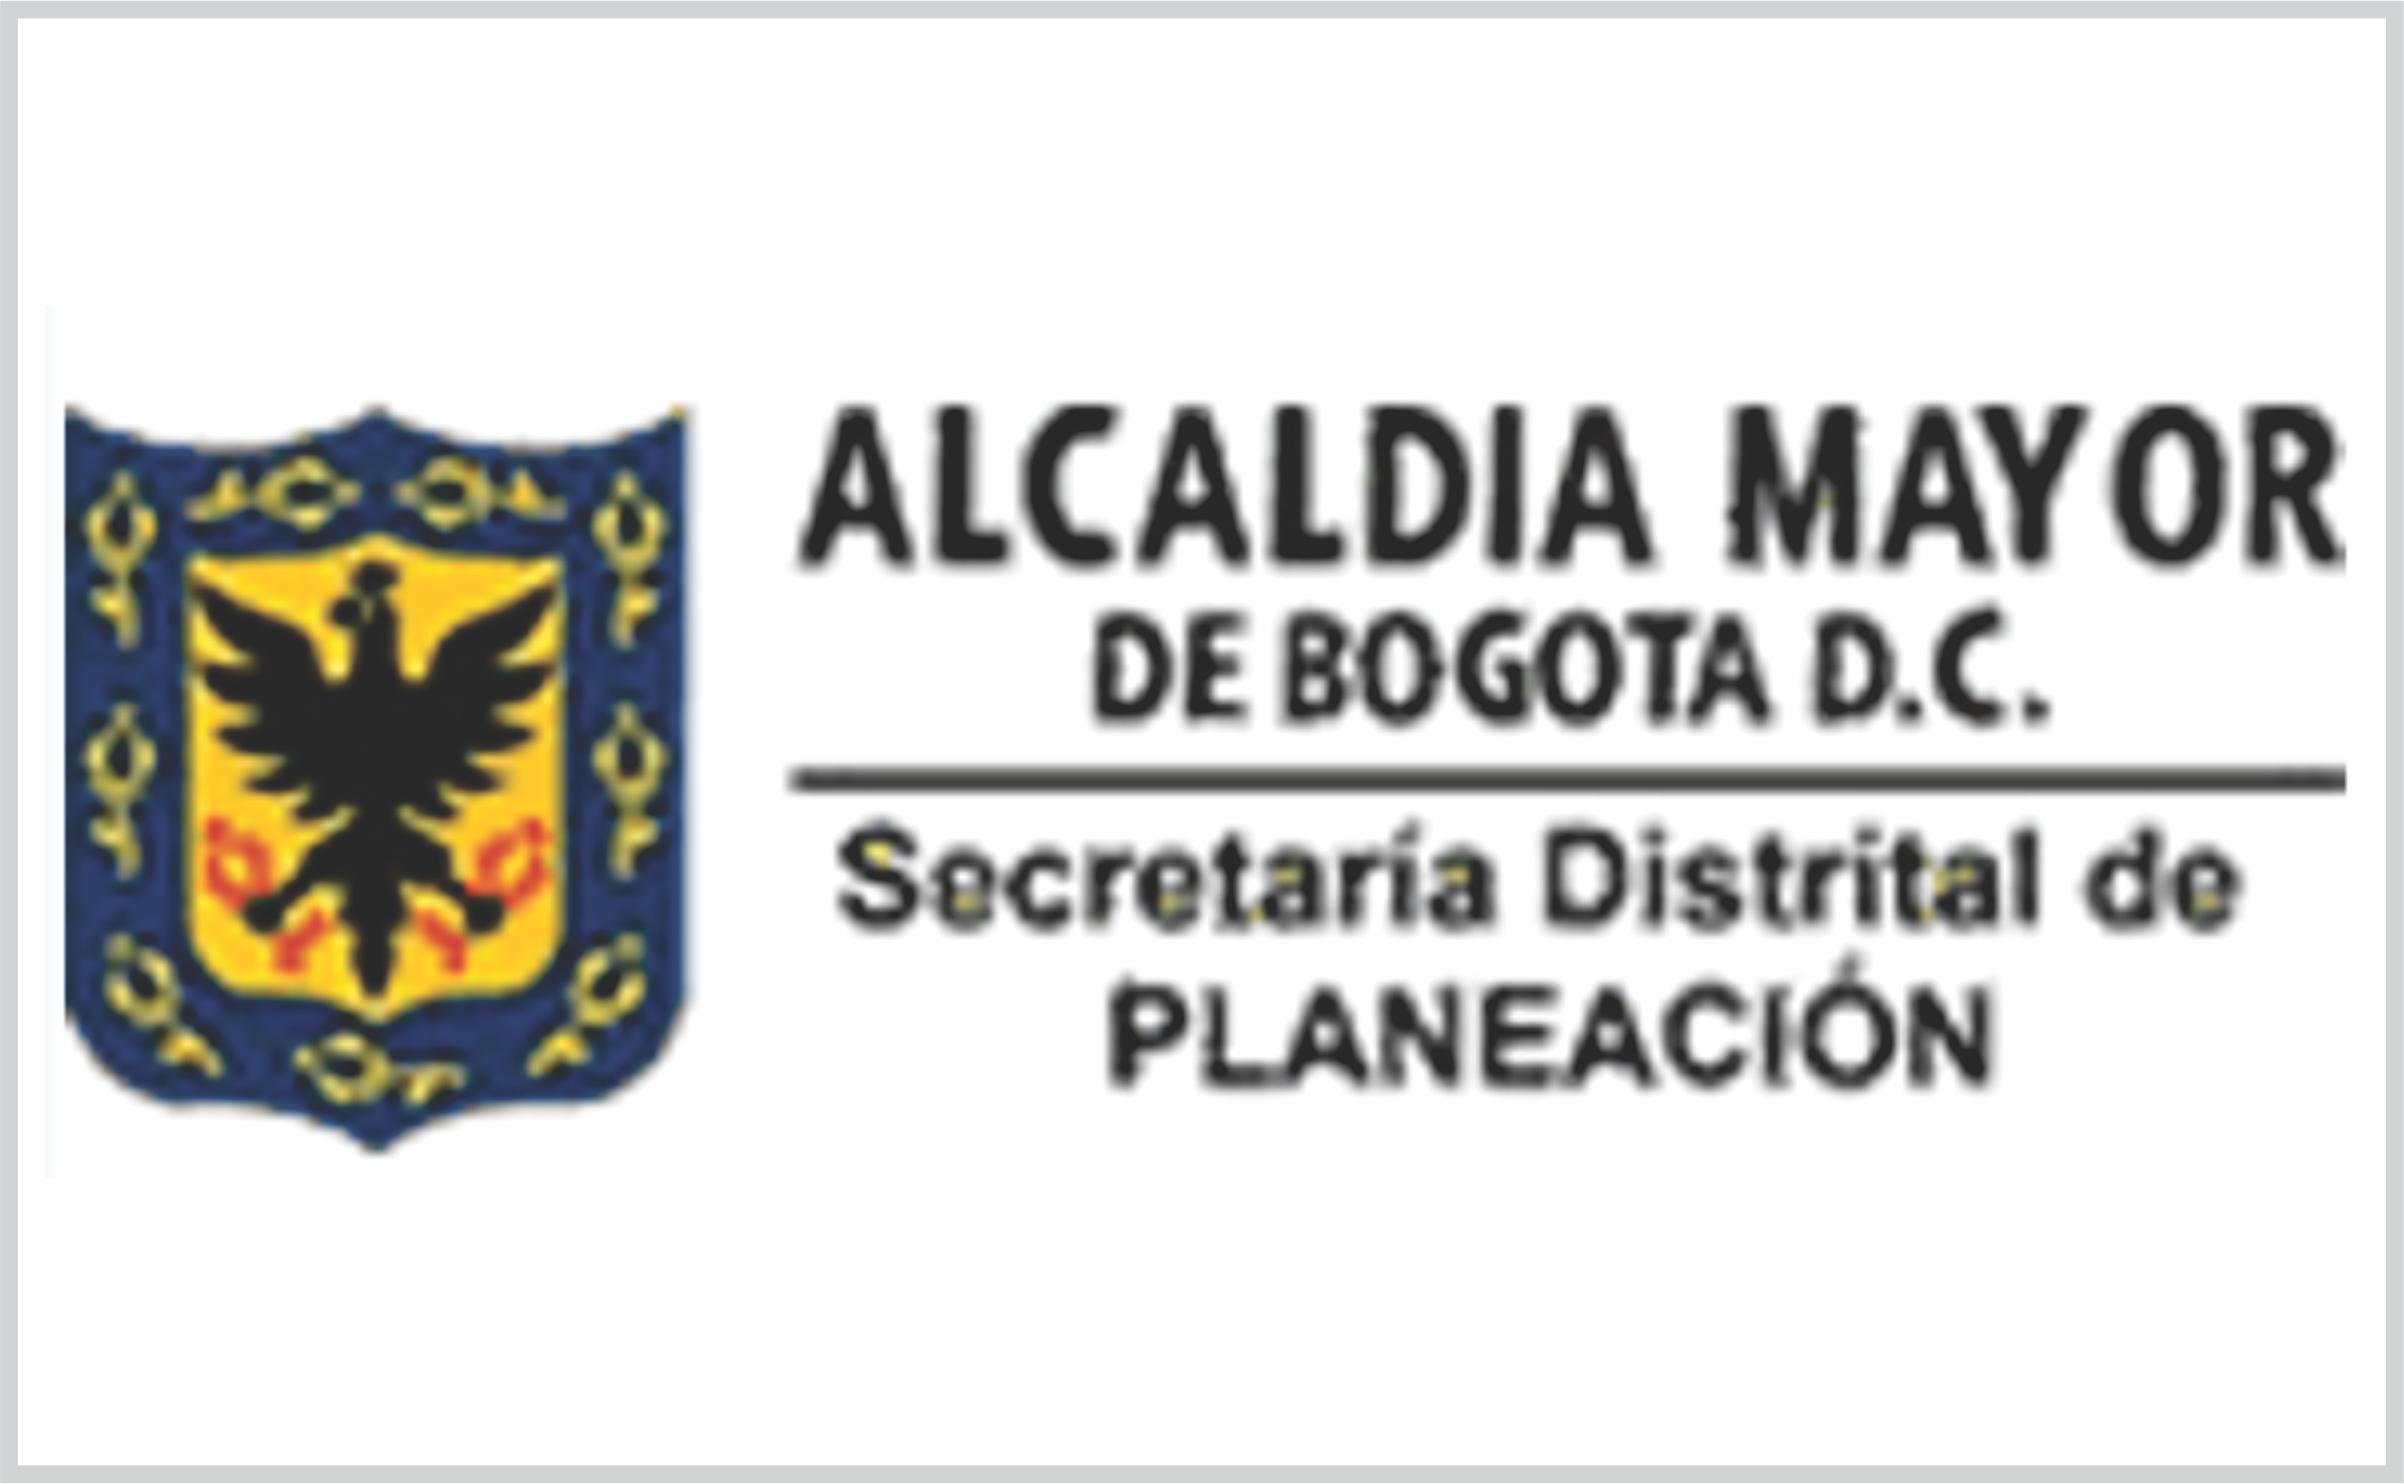 Secreteria Distrital de Planeación